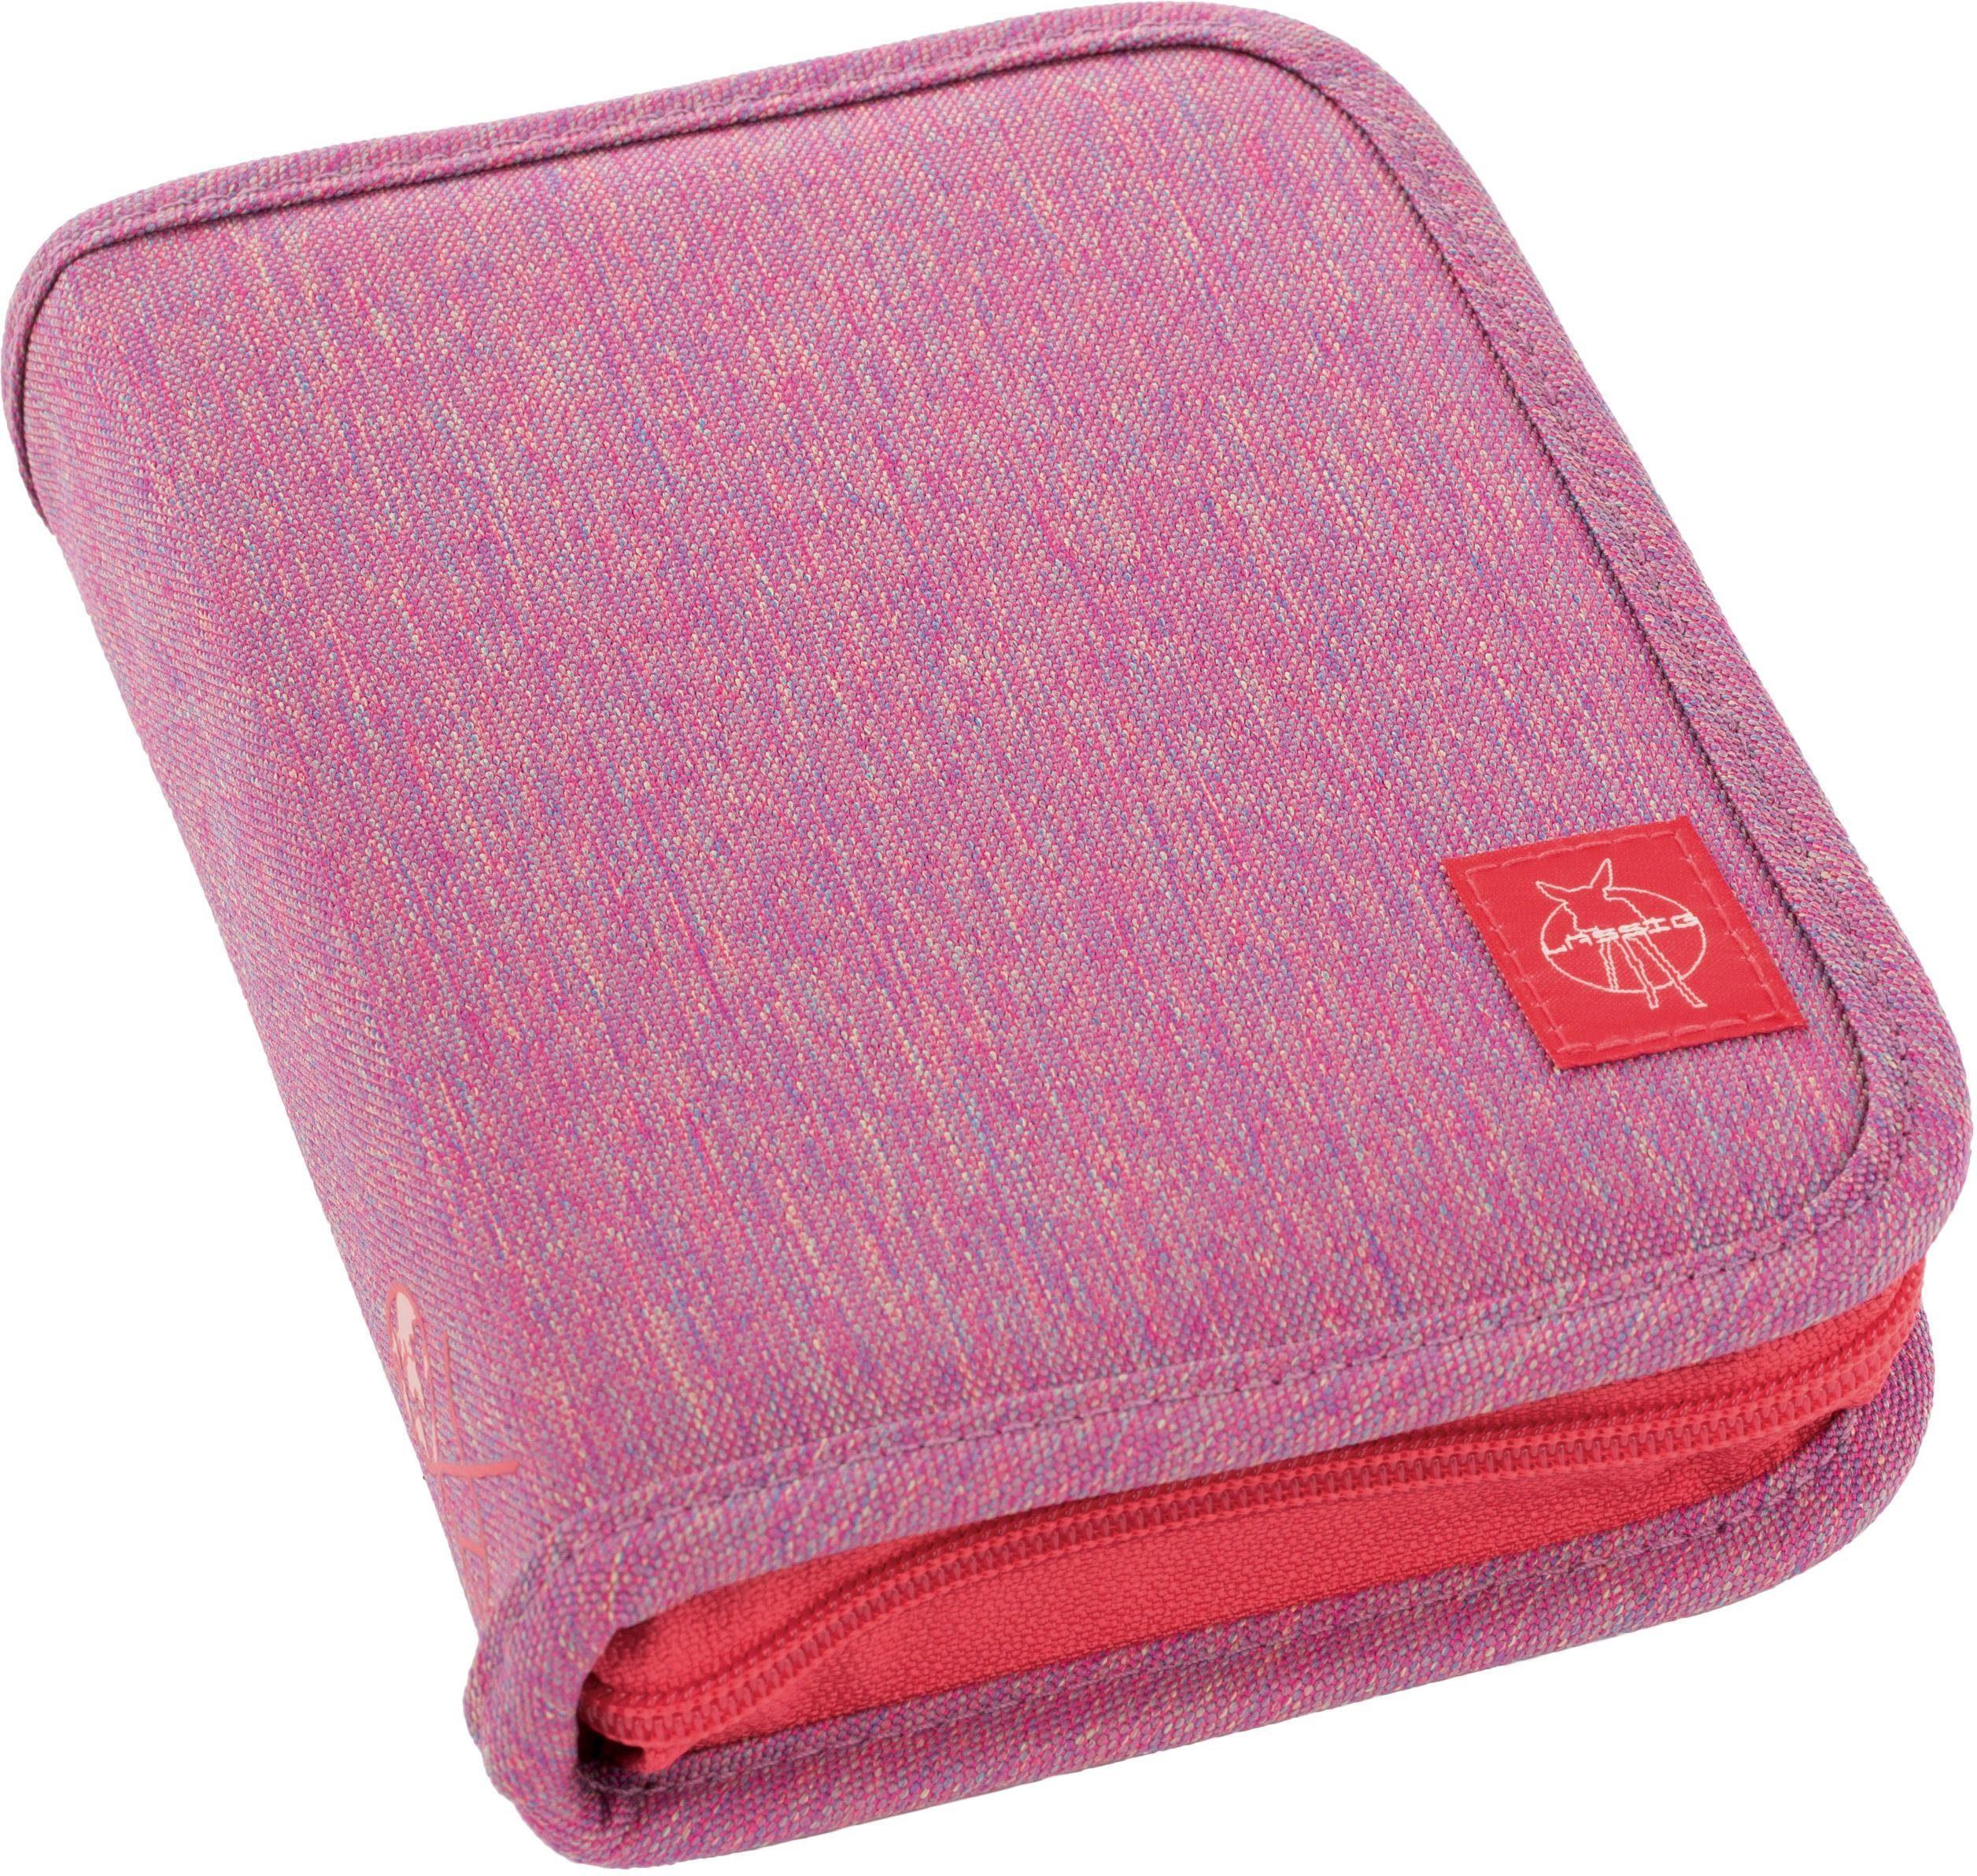 Lässig Federmäppchen, gefüllt, »4Kids School Pencil Case Big, Mélange Pink«